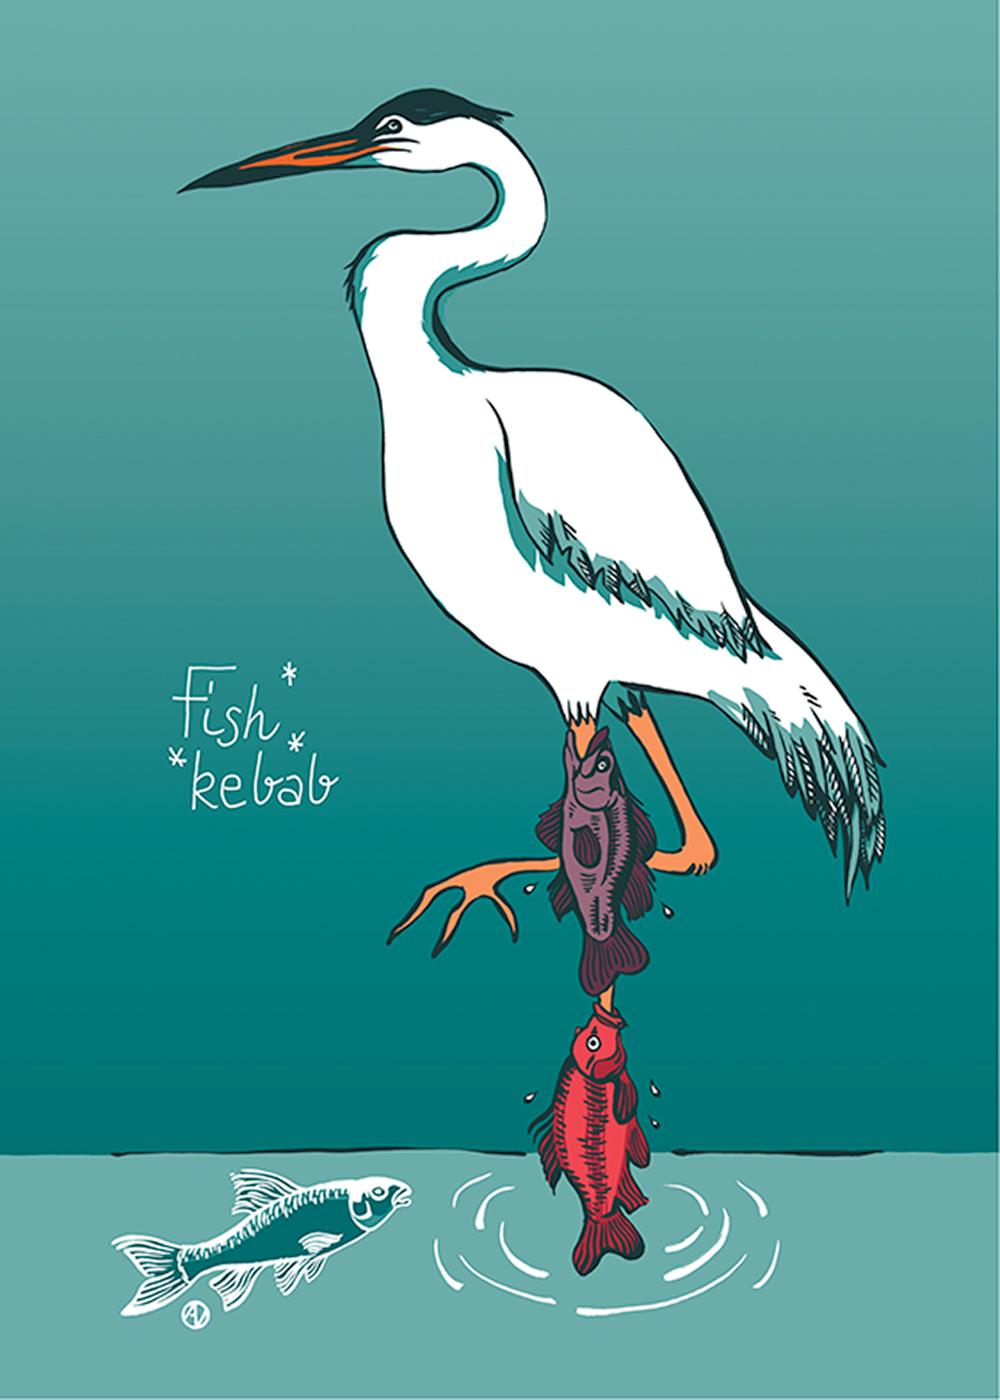 Fish Rebab, חסידה שרגלה האחת נעוצה בפיותיהם של שני דגים